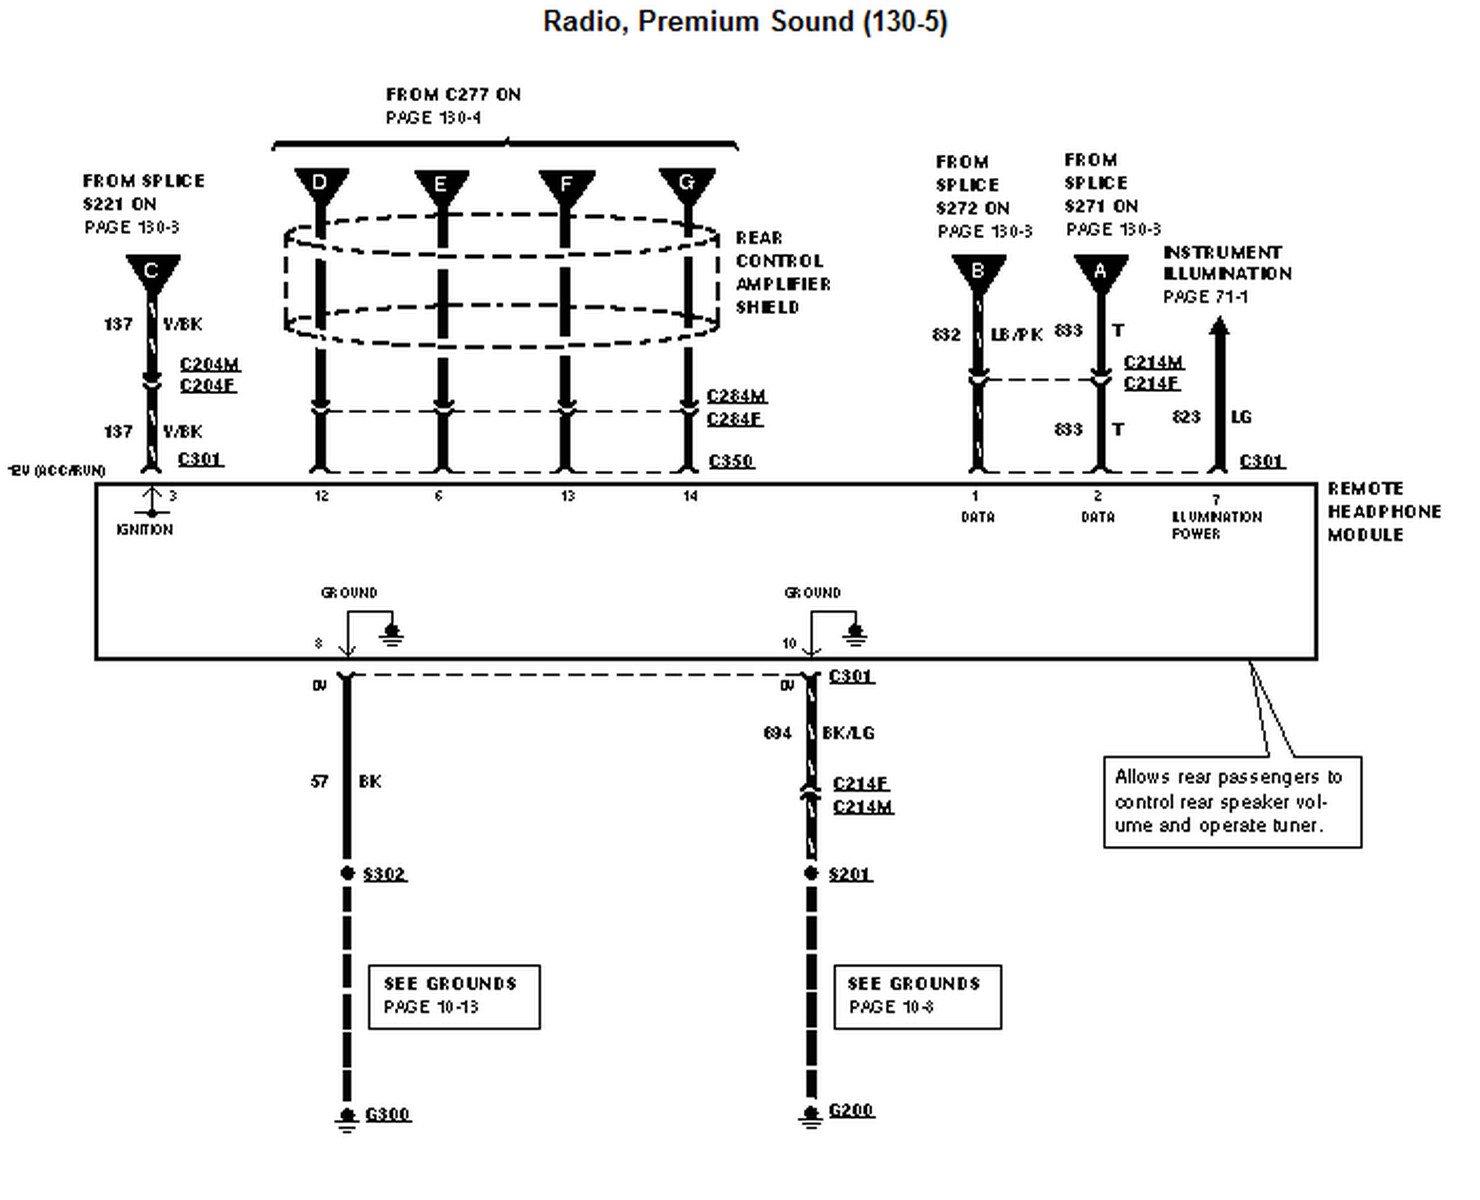 [DIAGRAM_38ZD]  DA_3177] Ford Windstar Radio Wiring Diagram 2000 Ford Windstar Radio Wiring | 2000 Ford Windstar Wiring Schematic |  | Ation Ungo Sapre Zidur Arcin Bupi Dylit Exmet Mohammedshrine Librar Wiring  101